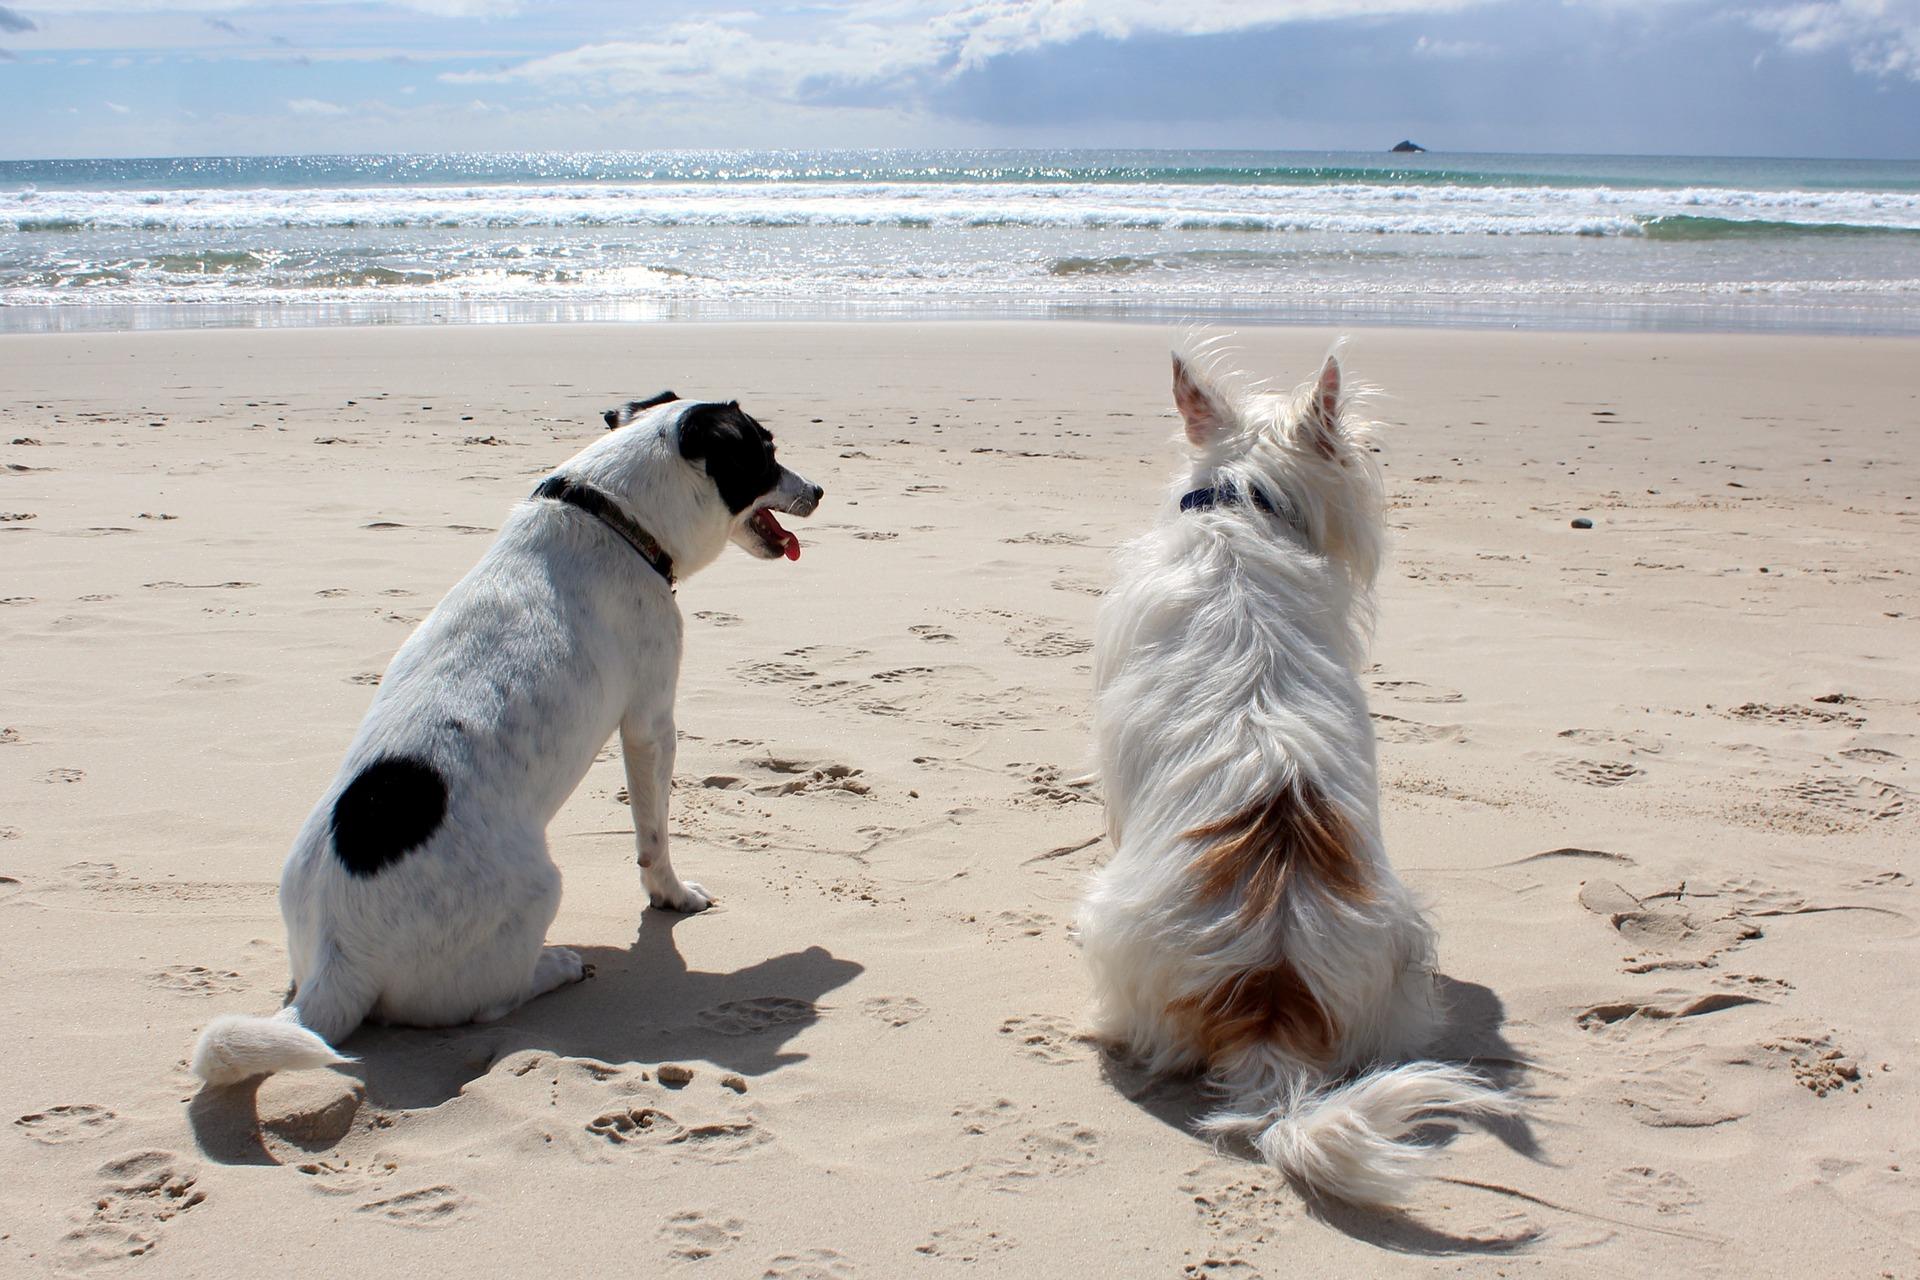 Podczas pobytu z psem na plaży należy zachować szczególną ostrożność, zawsze mieć ze sobą smycz i kaganiec fizjologiczny. Należy mieć na uwadze innych wczasowiczów i nie pozwalać psu na zabawę czy kopanie w ich pobliżu.